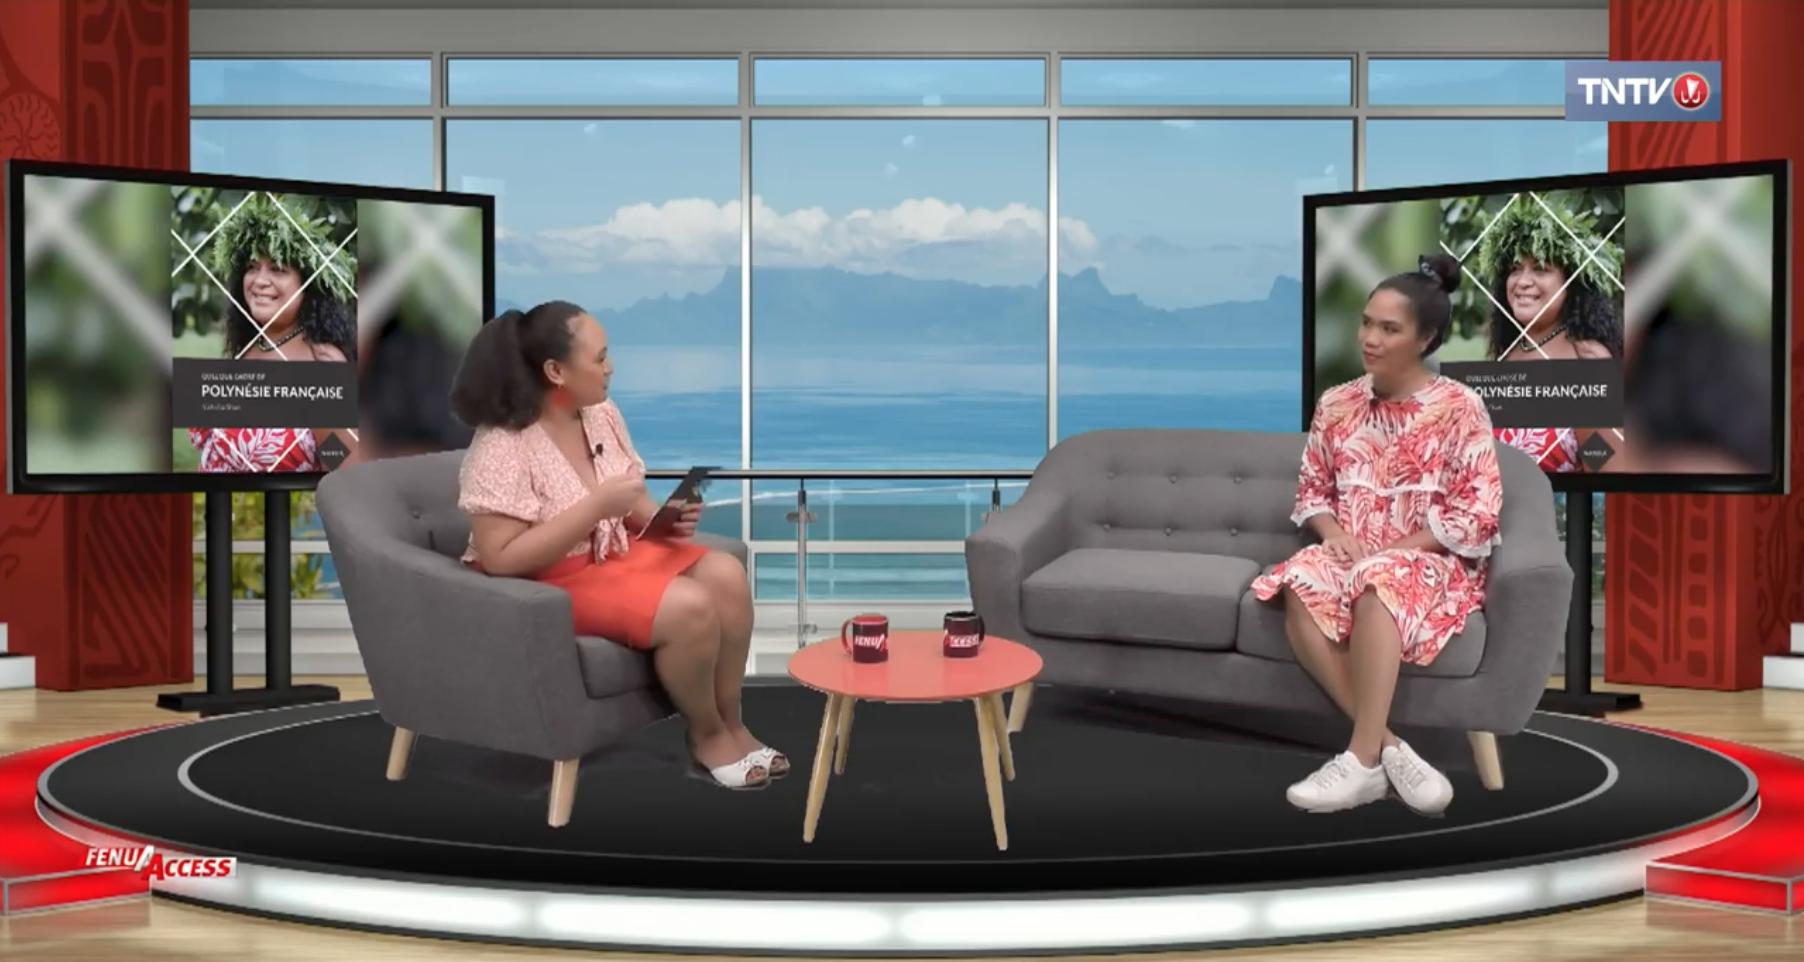 Quelque chose de Polynésie française, Fenua Access